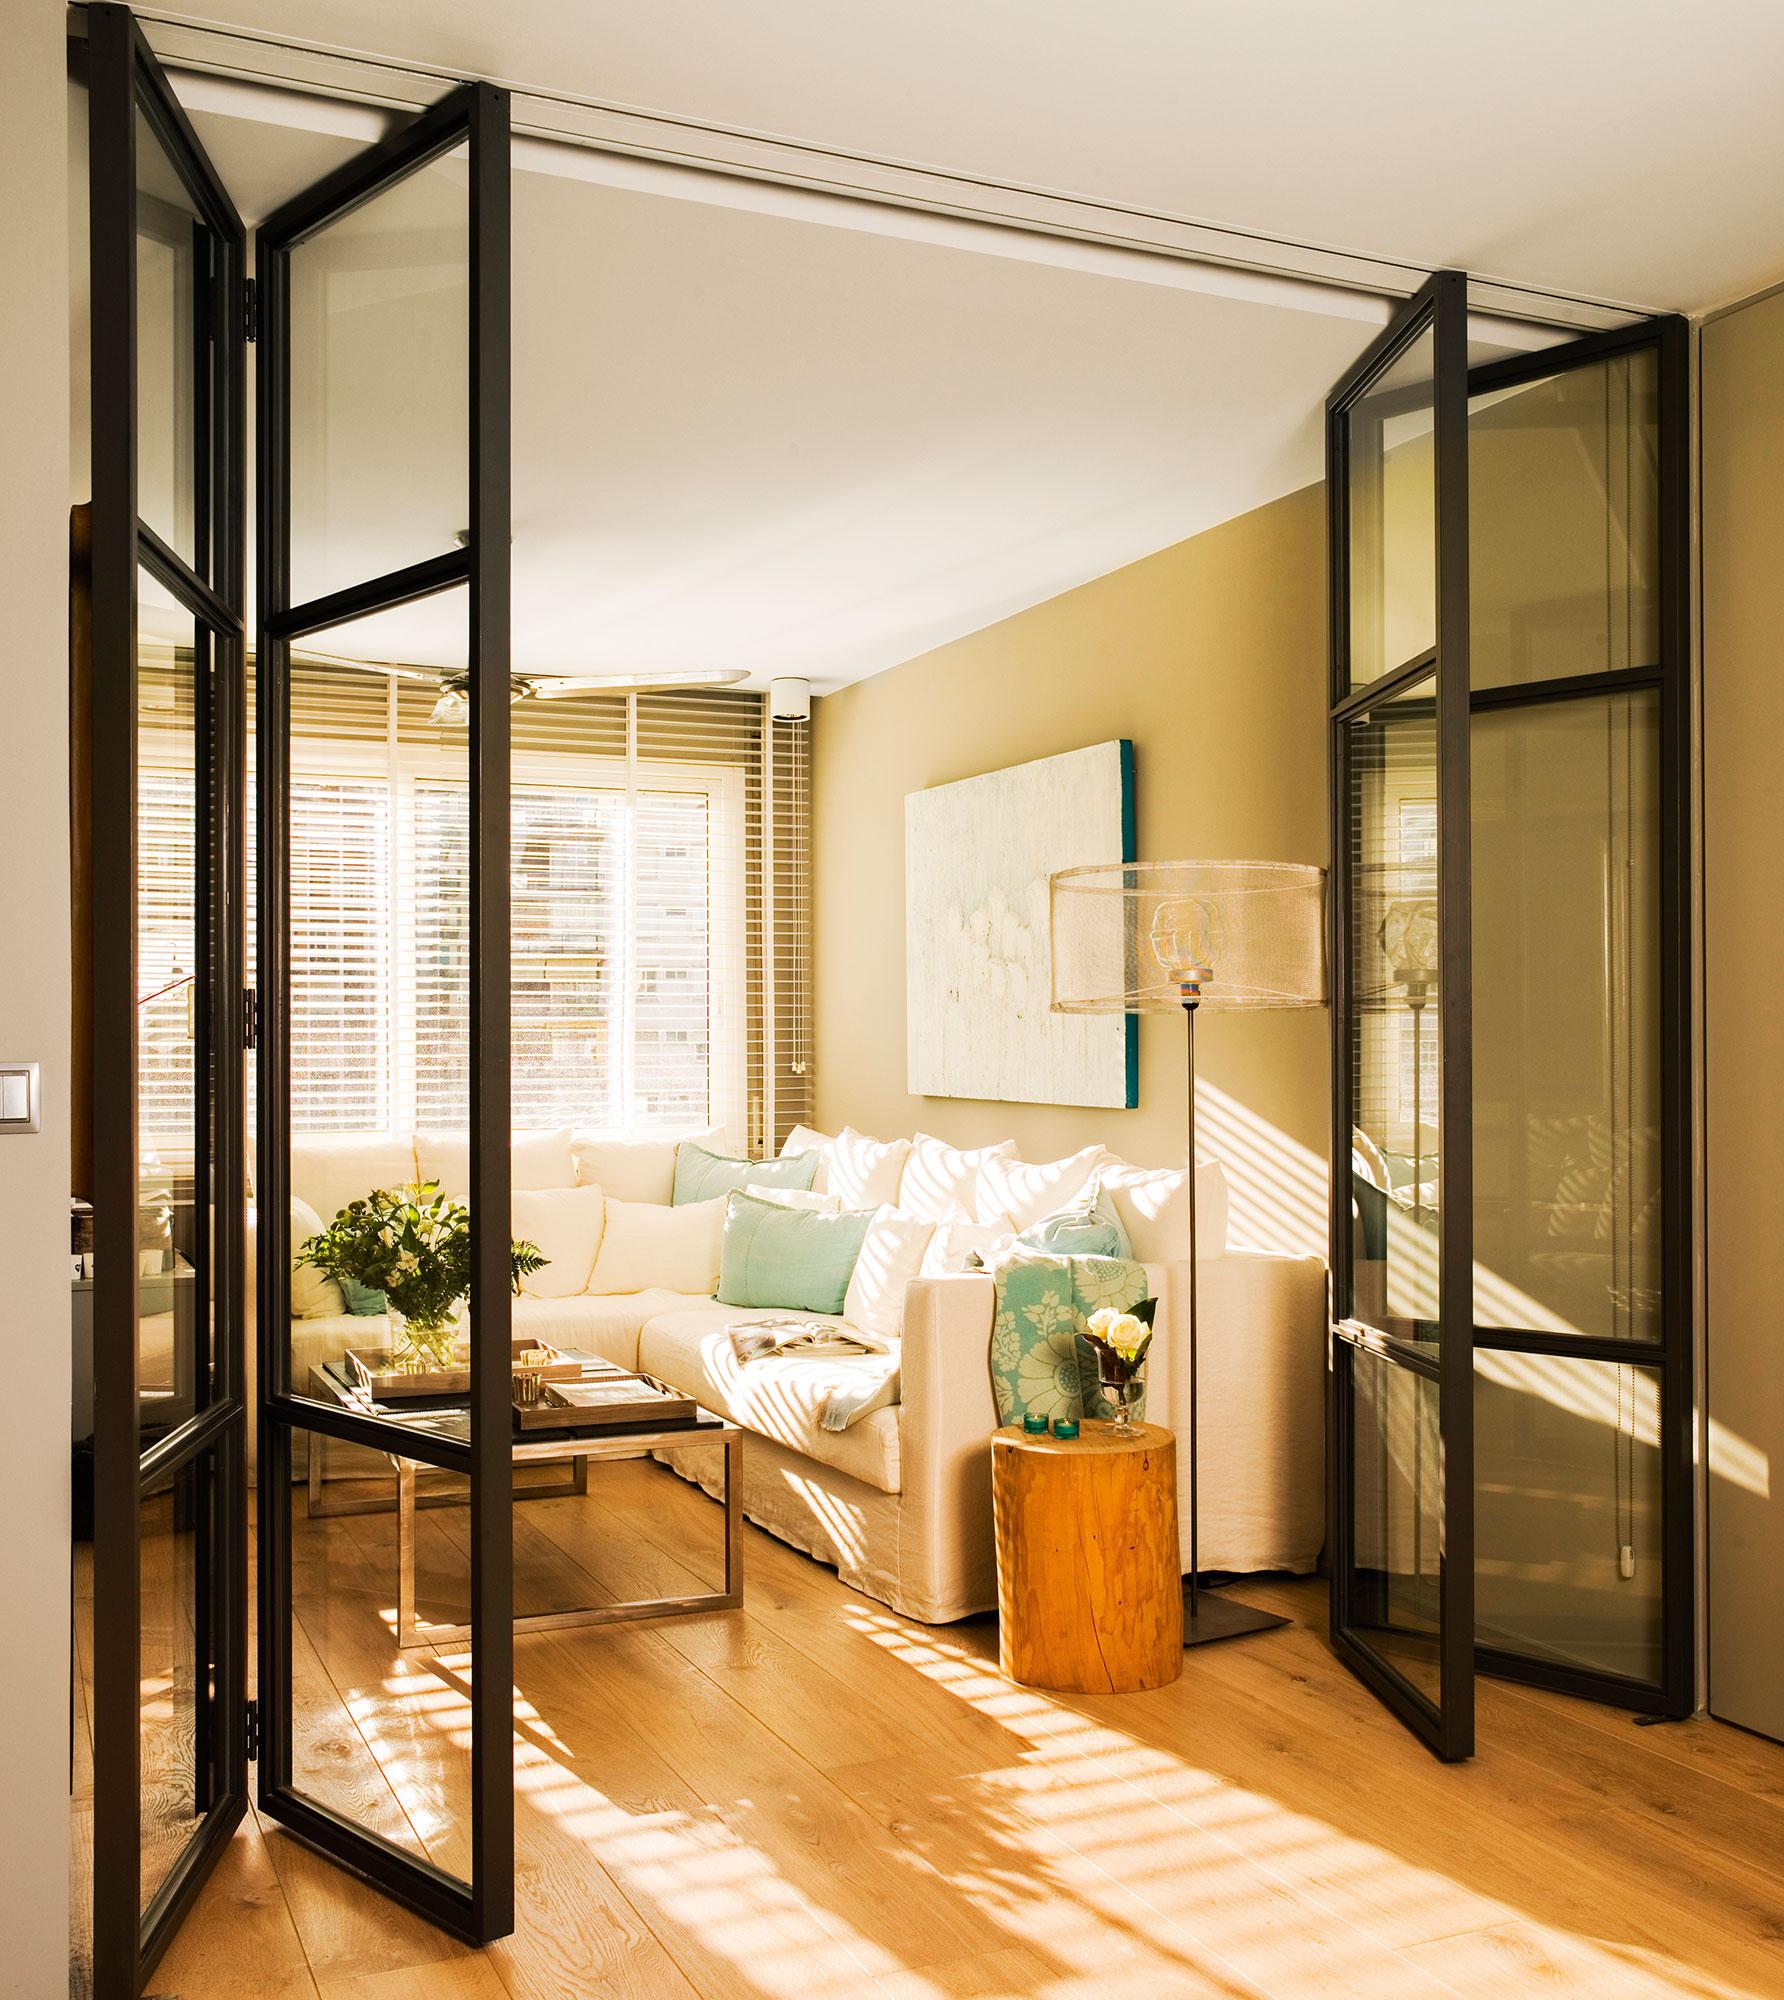 Instala una puerta corredera en casa y gana 1 5 m2 reales for Puertas grandes antiguas